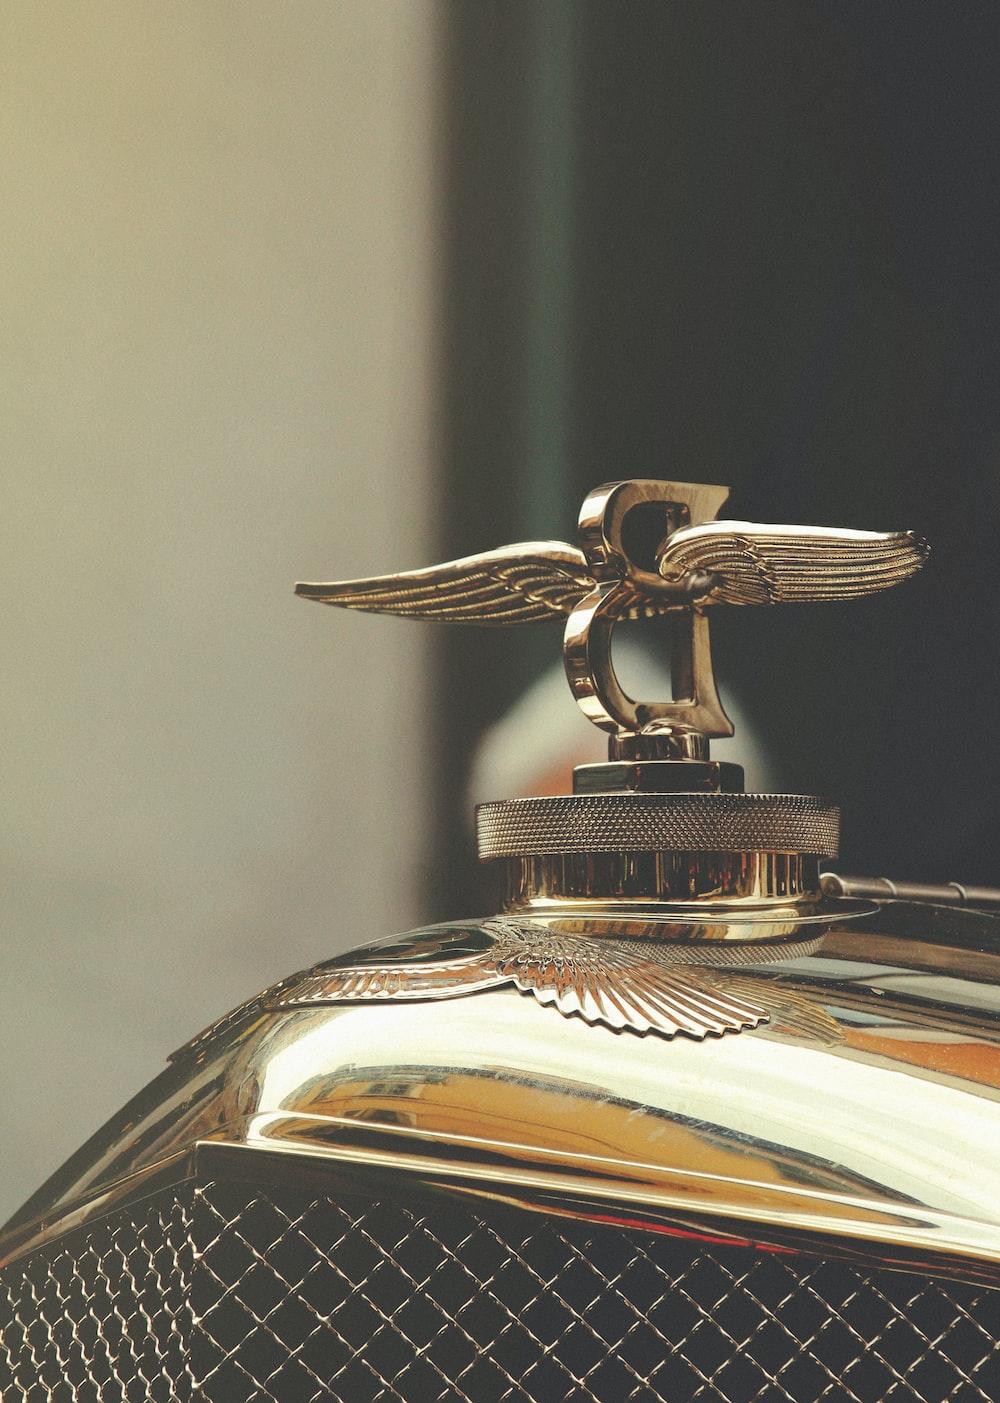 Bentley emblem on car hood